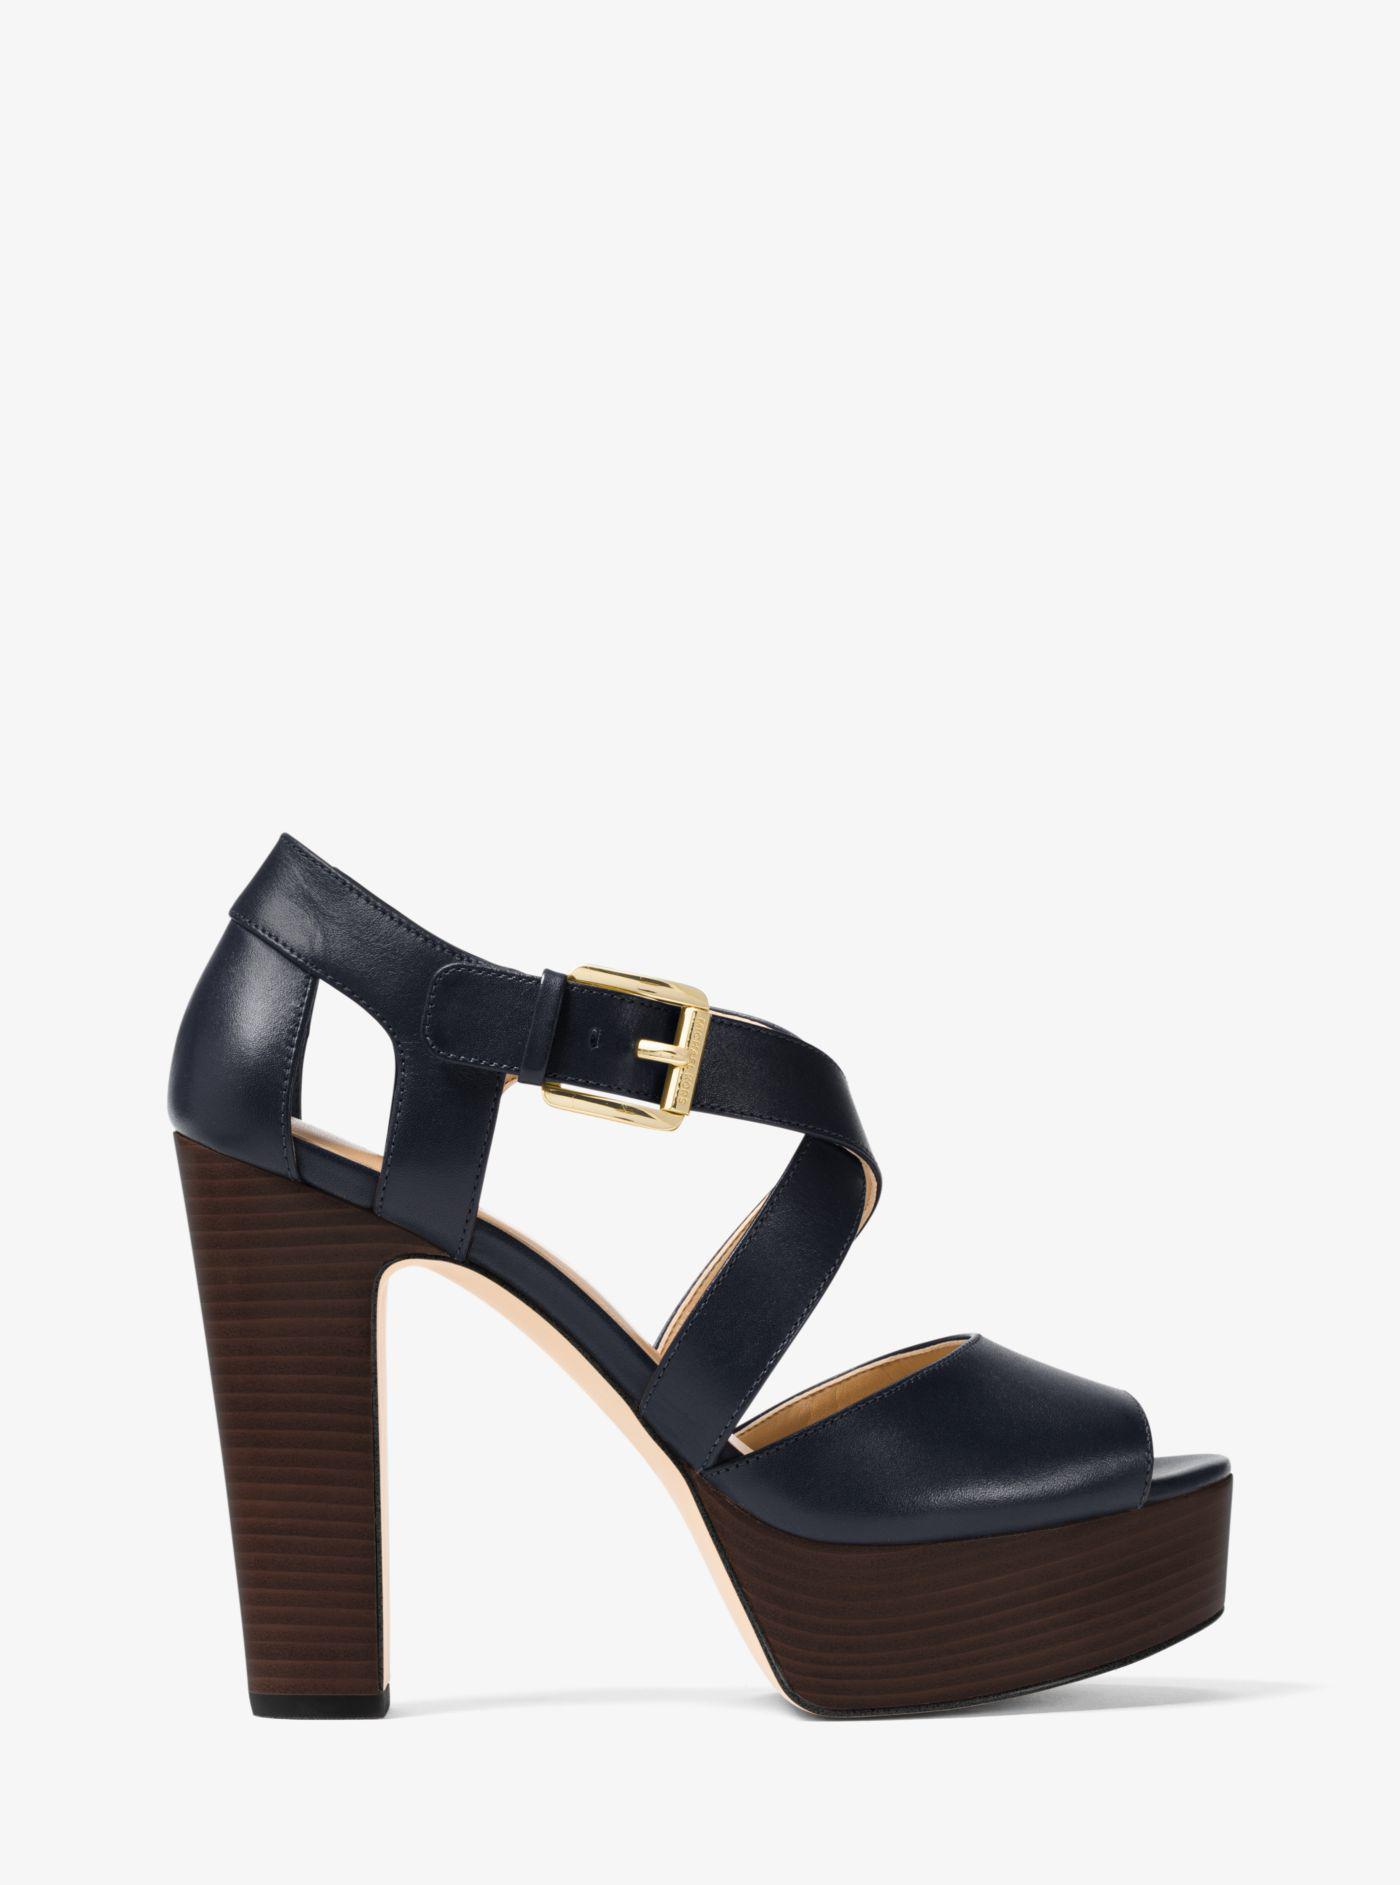 6594bdaf321 Lyst - Michael Kors Jodi Leather Platform Sandal in Blue